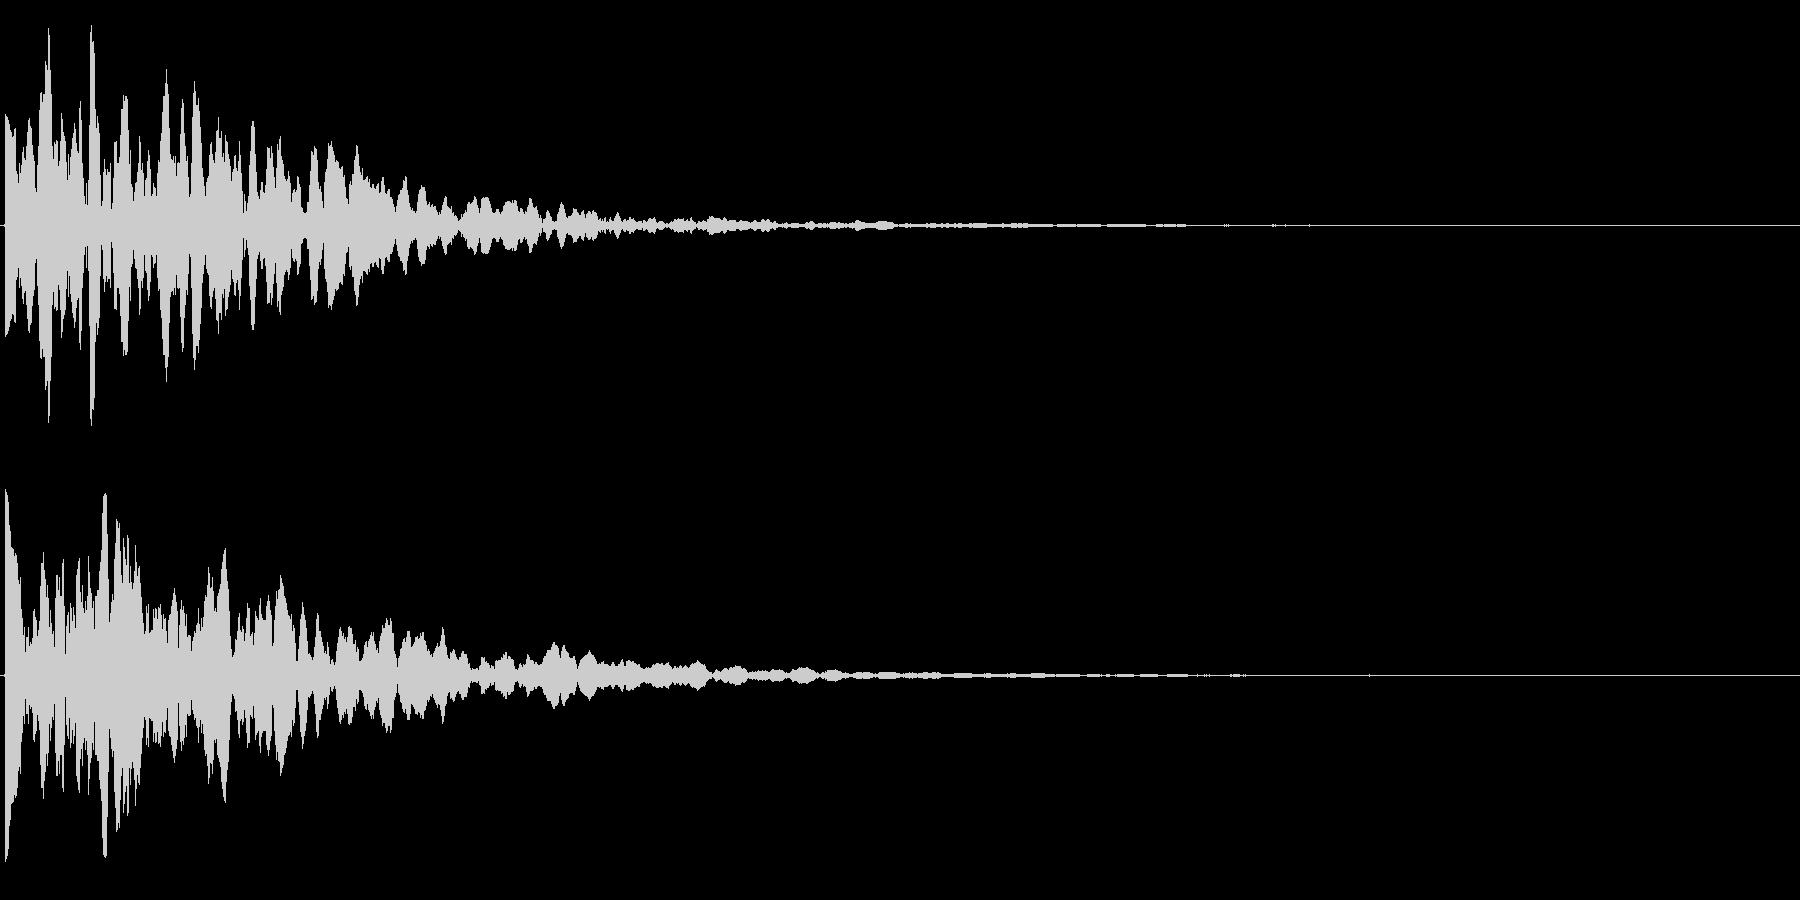 ゲームスタート、決定、ボタン音-136の未再生の波形